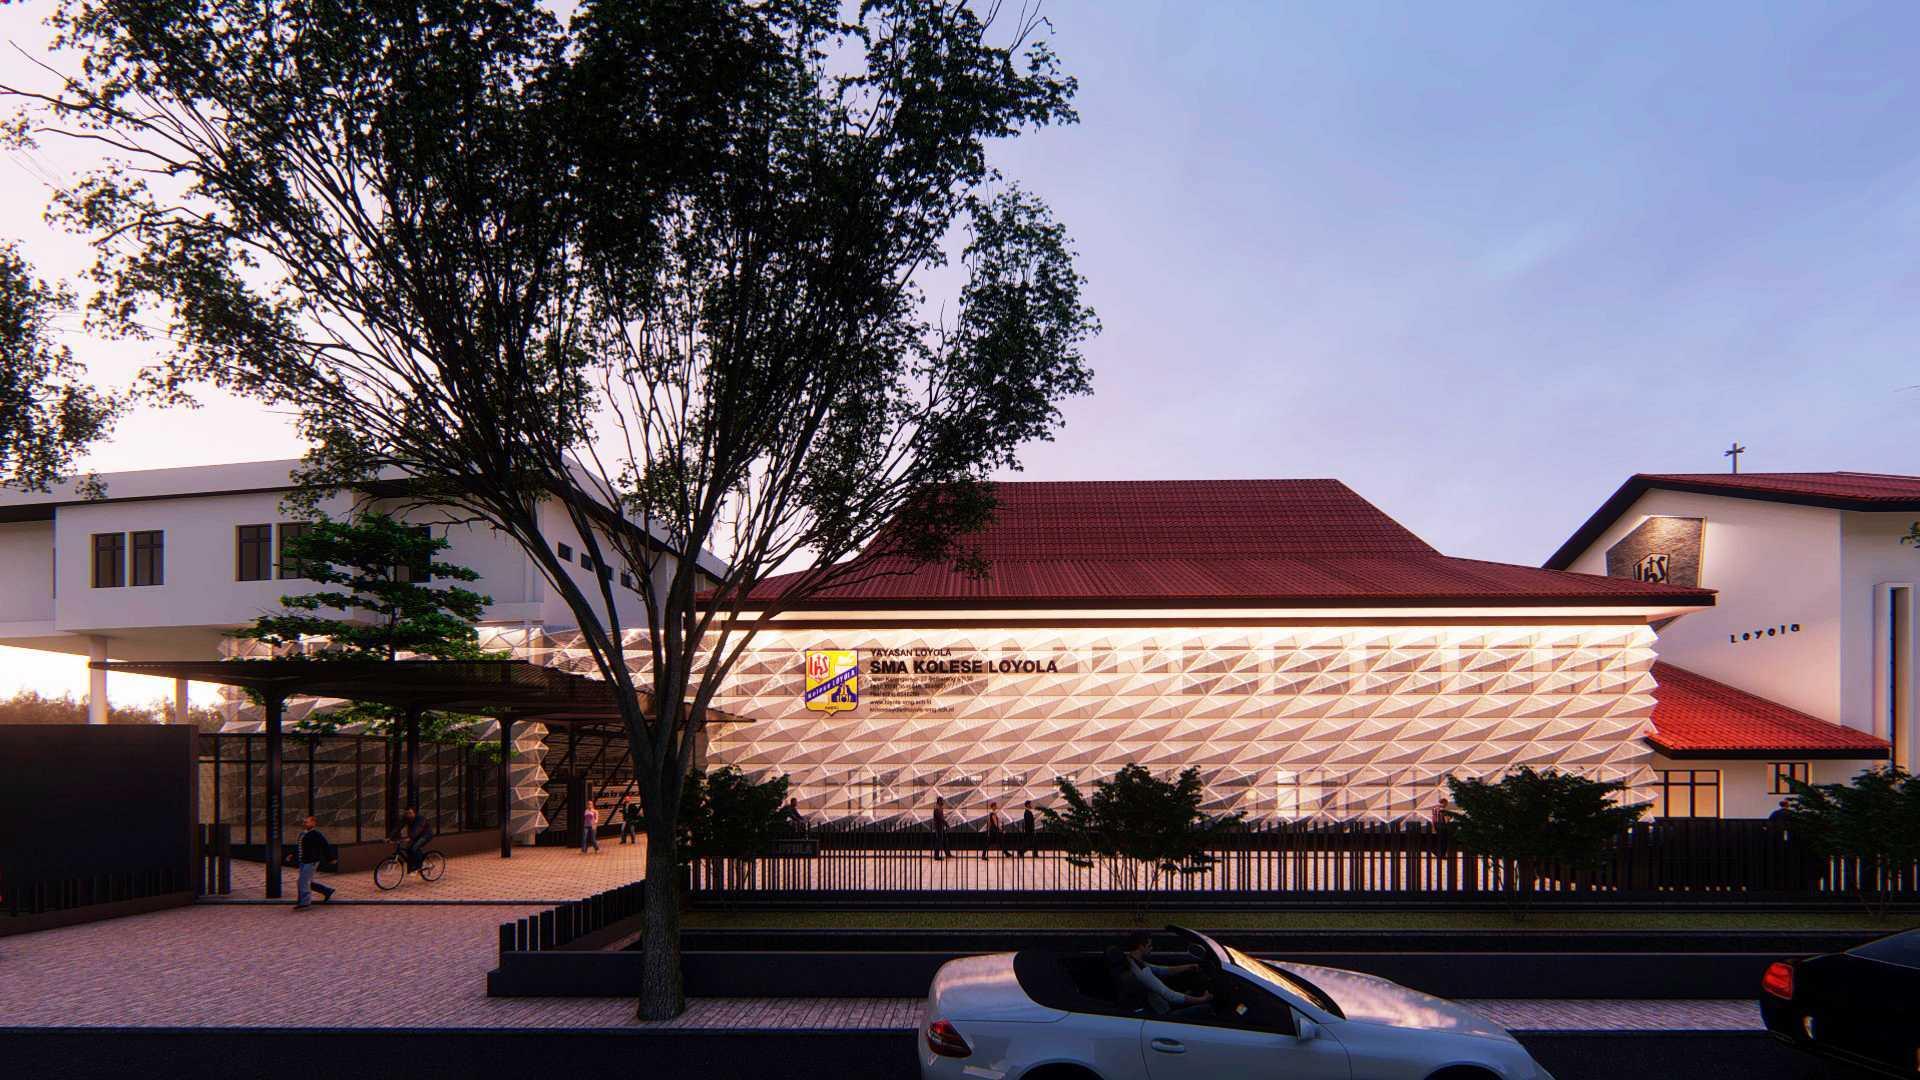 Aeternite Loyola College Semarang Tengah, Kota Semarang, Jawa Tengah, Indonesia Semarang Tengah, Kota Semarang, Jawa Tengah, Indonesia Aeternite-Loyola-College  63821